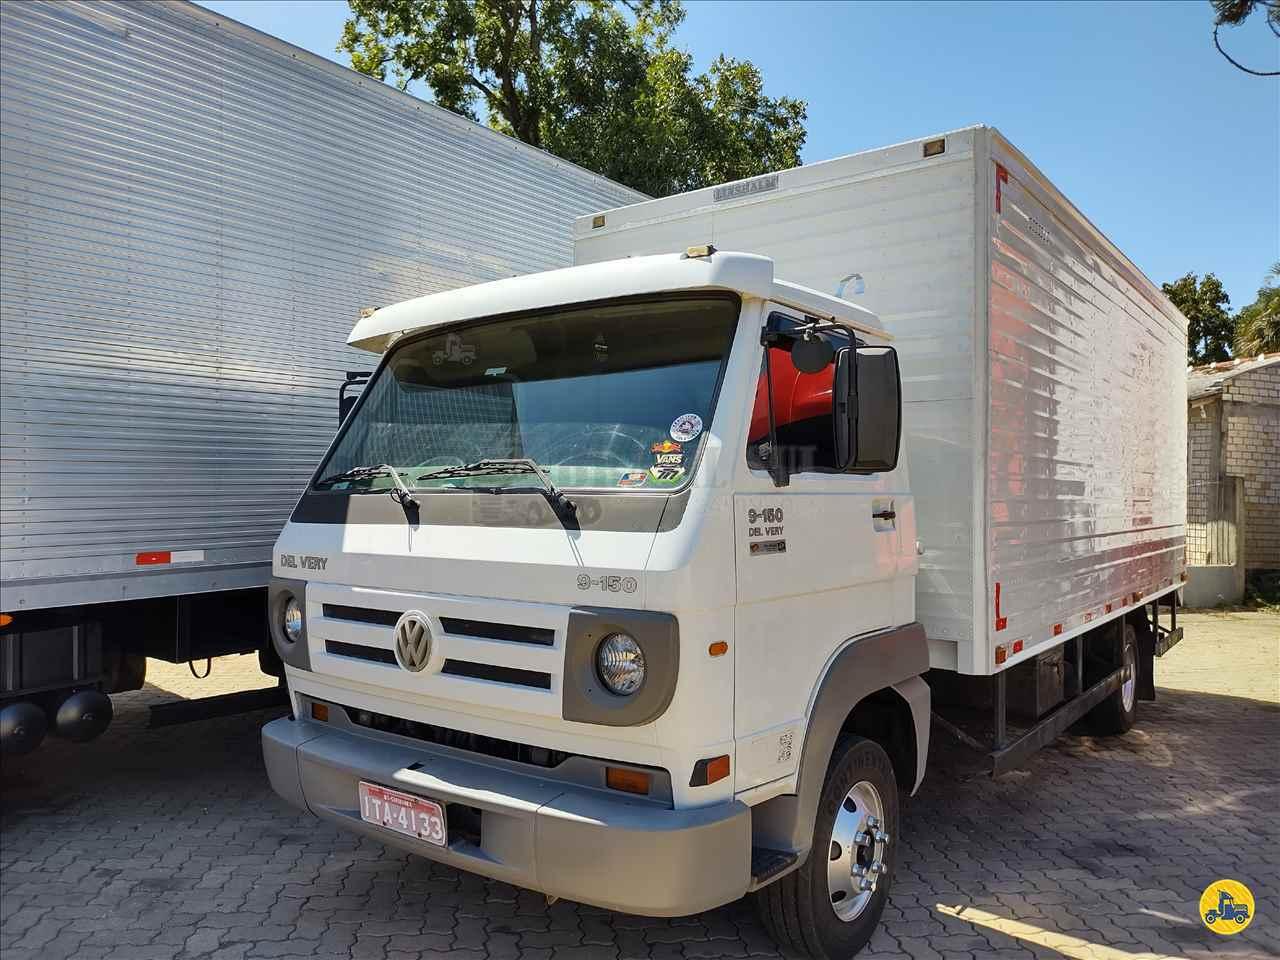 VOLKSWAGEN VW 9150  2012/2012 Brasil Sul Caminhões